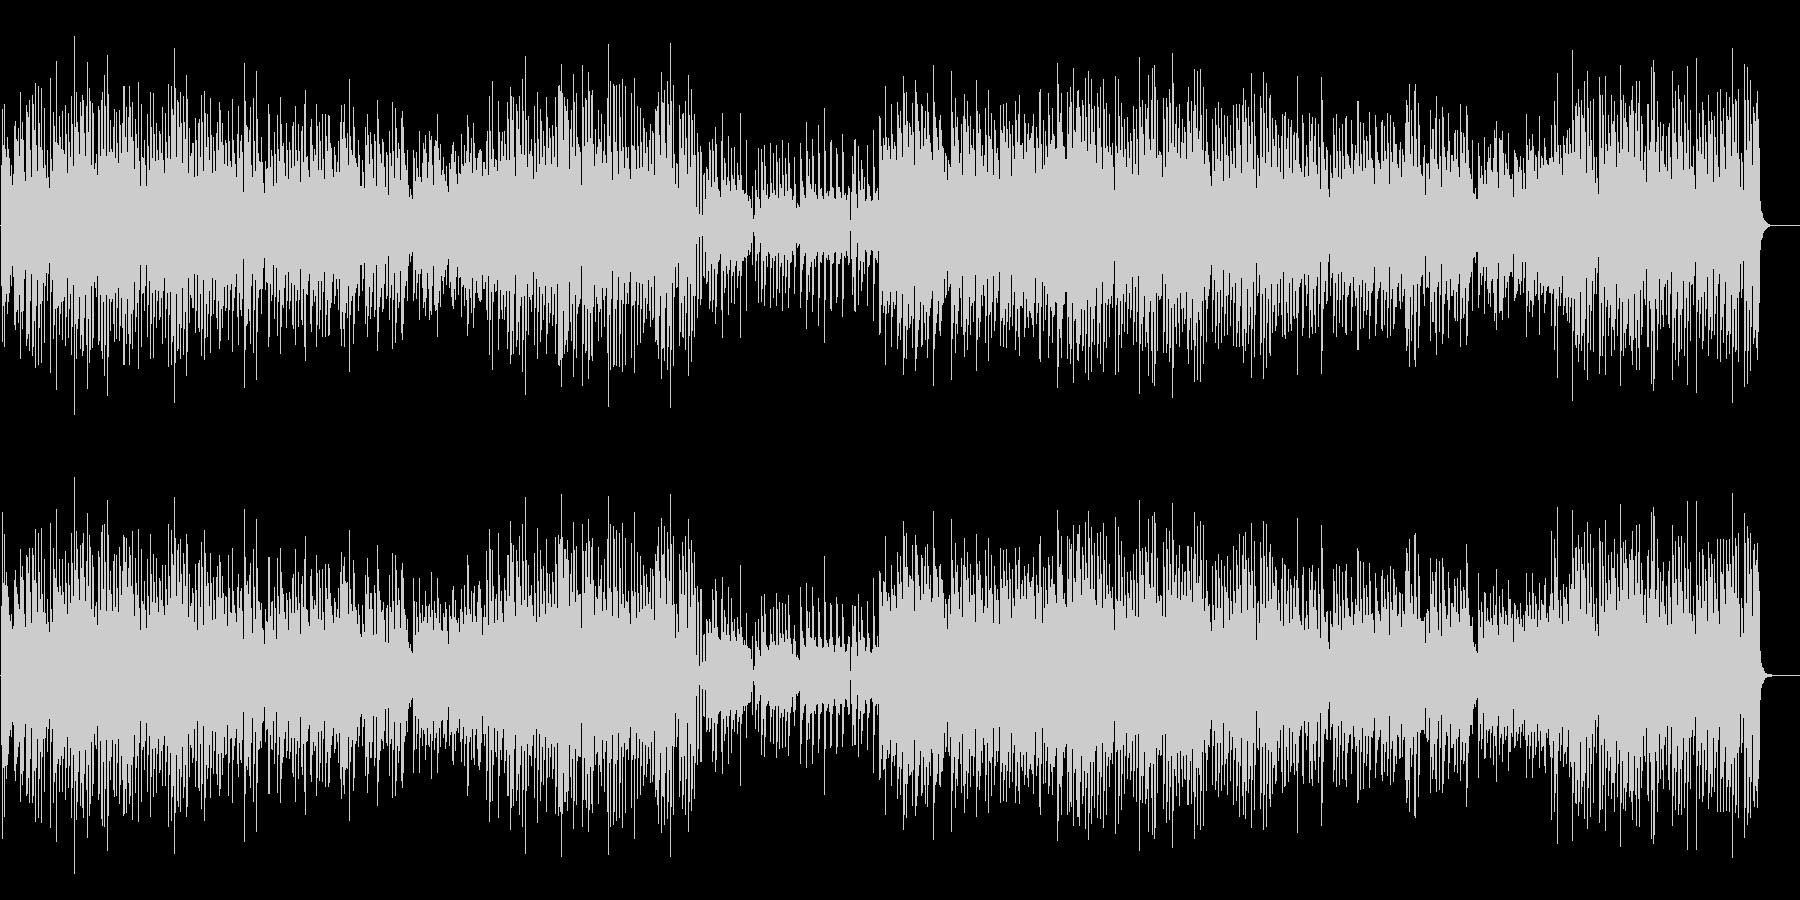 和の楽器を使用したコミカルなBGMですの未再生の波形